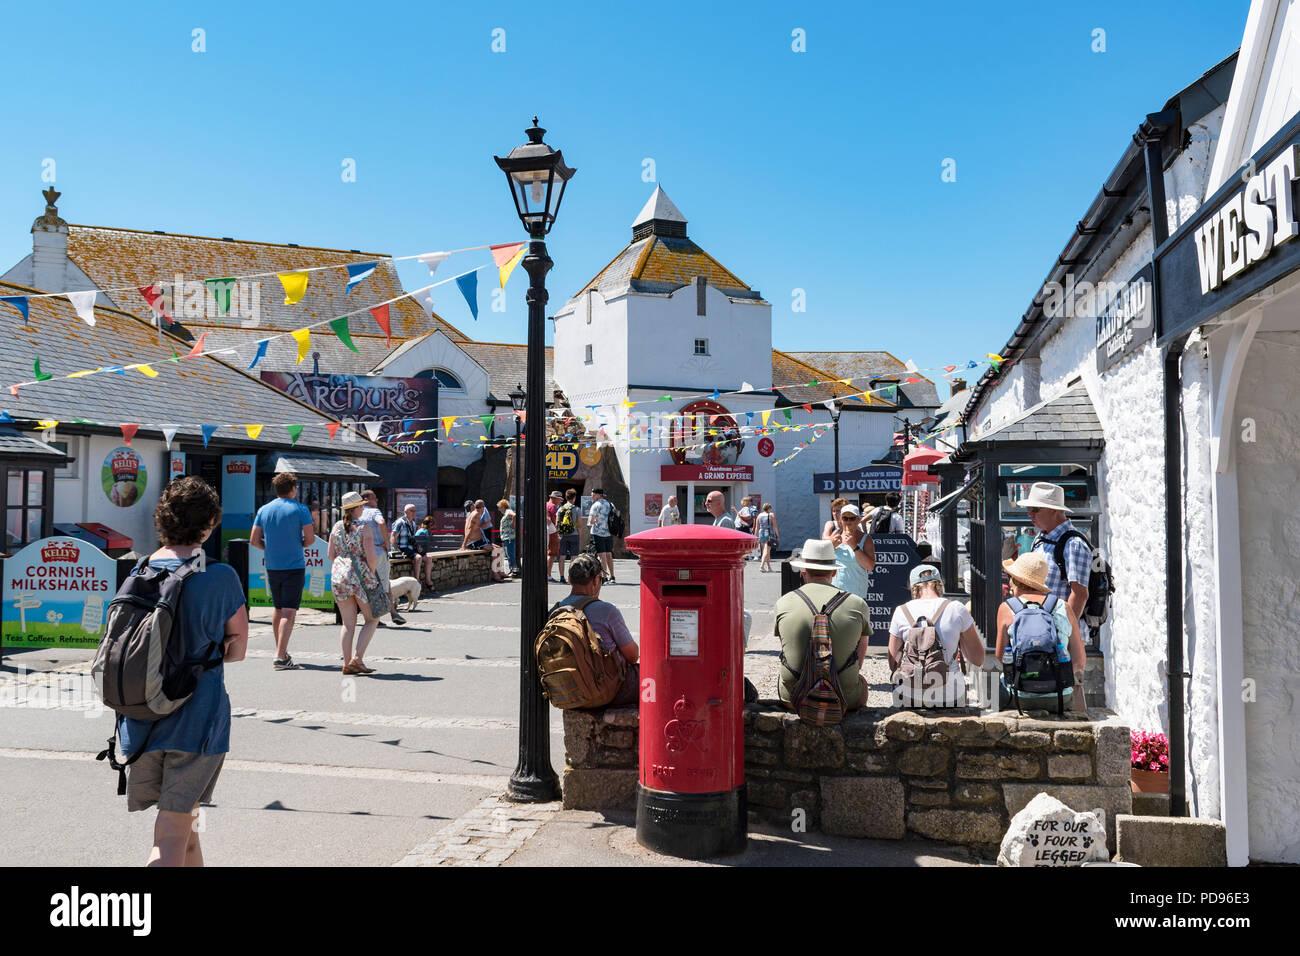 Lands End Touristenattraktion in Cornwall, England, Großbritannien, Großbritannien. Stockbild